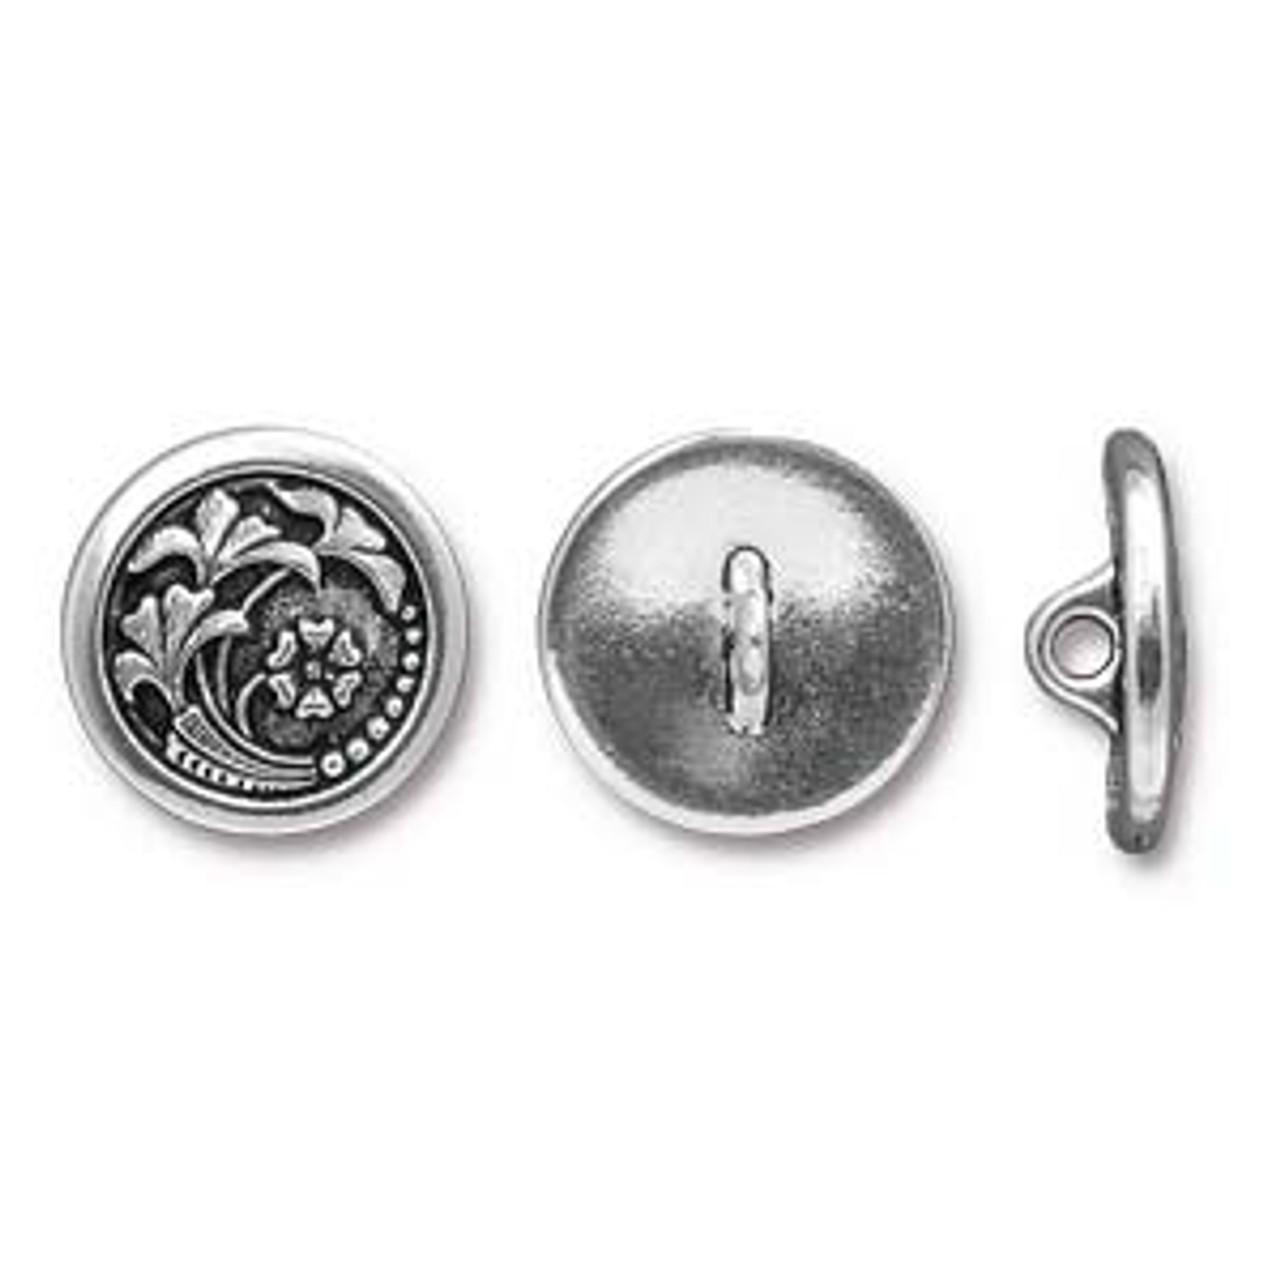 17mm Czech Flower Silver Button (1 Piece)